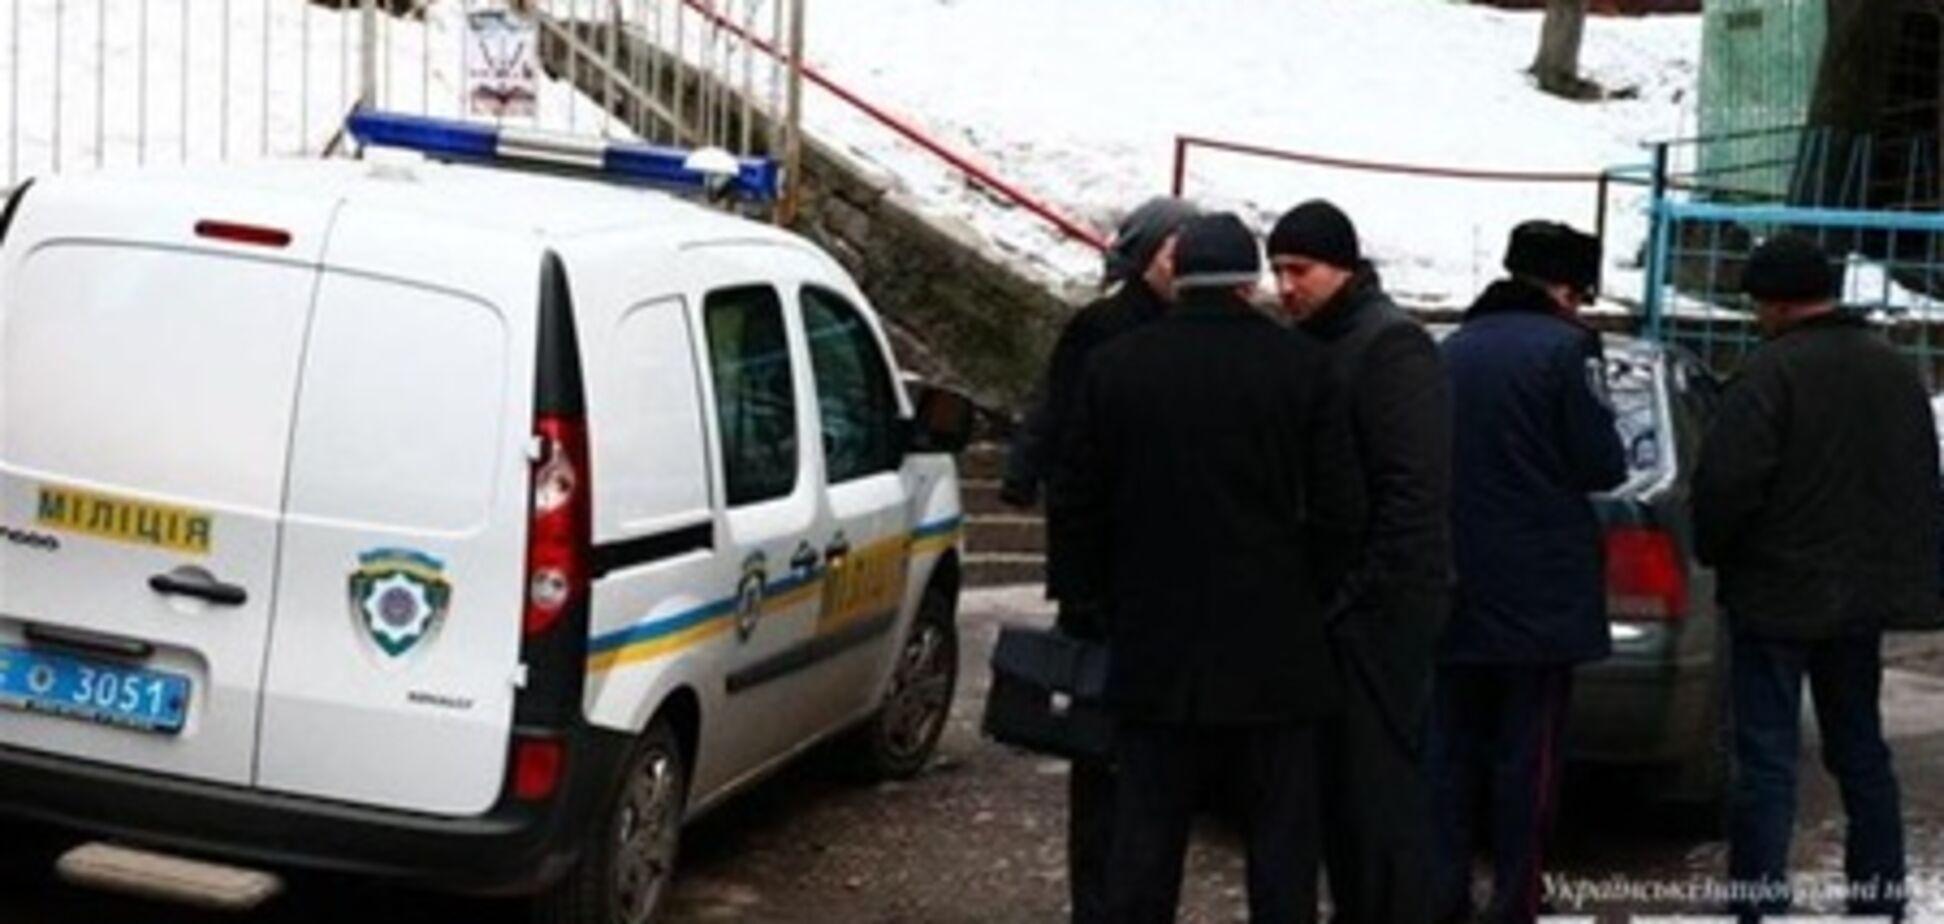 Рабиновича хотели напугать взрывом, а не убить. Видео